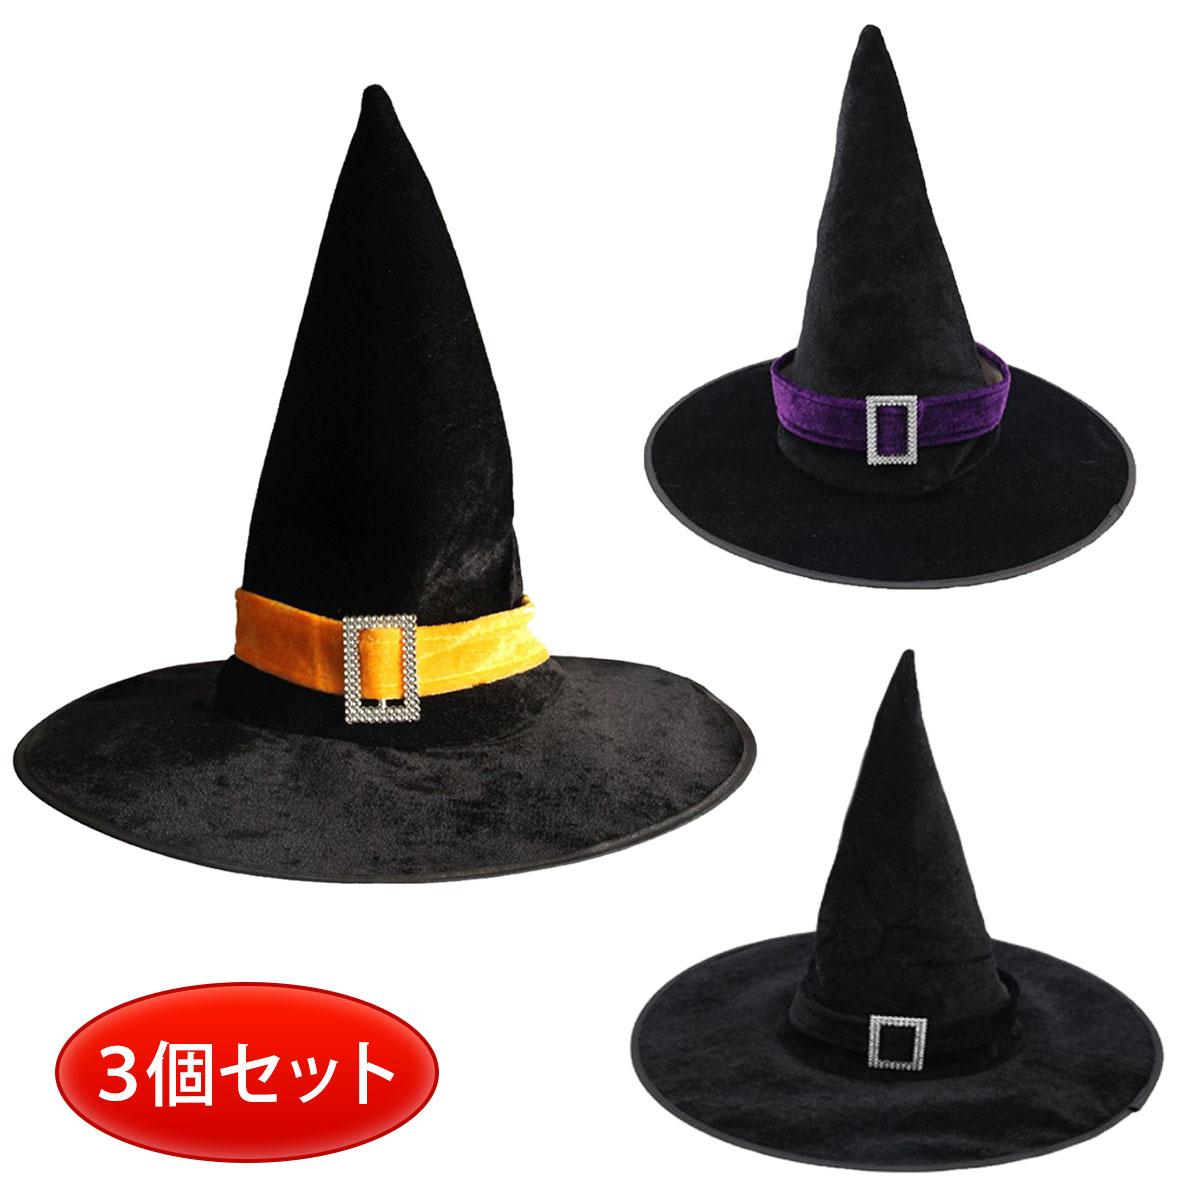 ハロウィン 帽子 魔女 仮装 コスプレ 魔法使い とんがり帽子 かぶりもの 【3点セット】ハロウィン 帽子 魔女 仮装 コスプレ 魔法使い とんがり帽子 かぶりもの